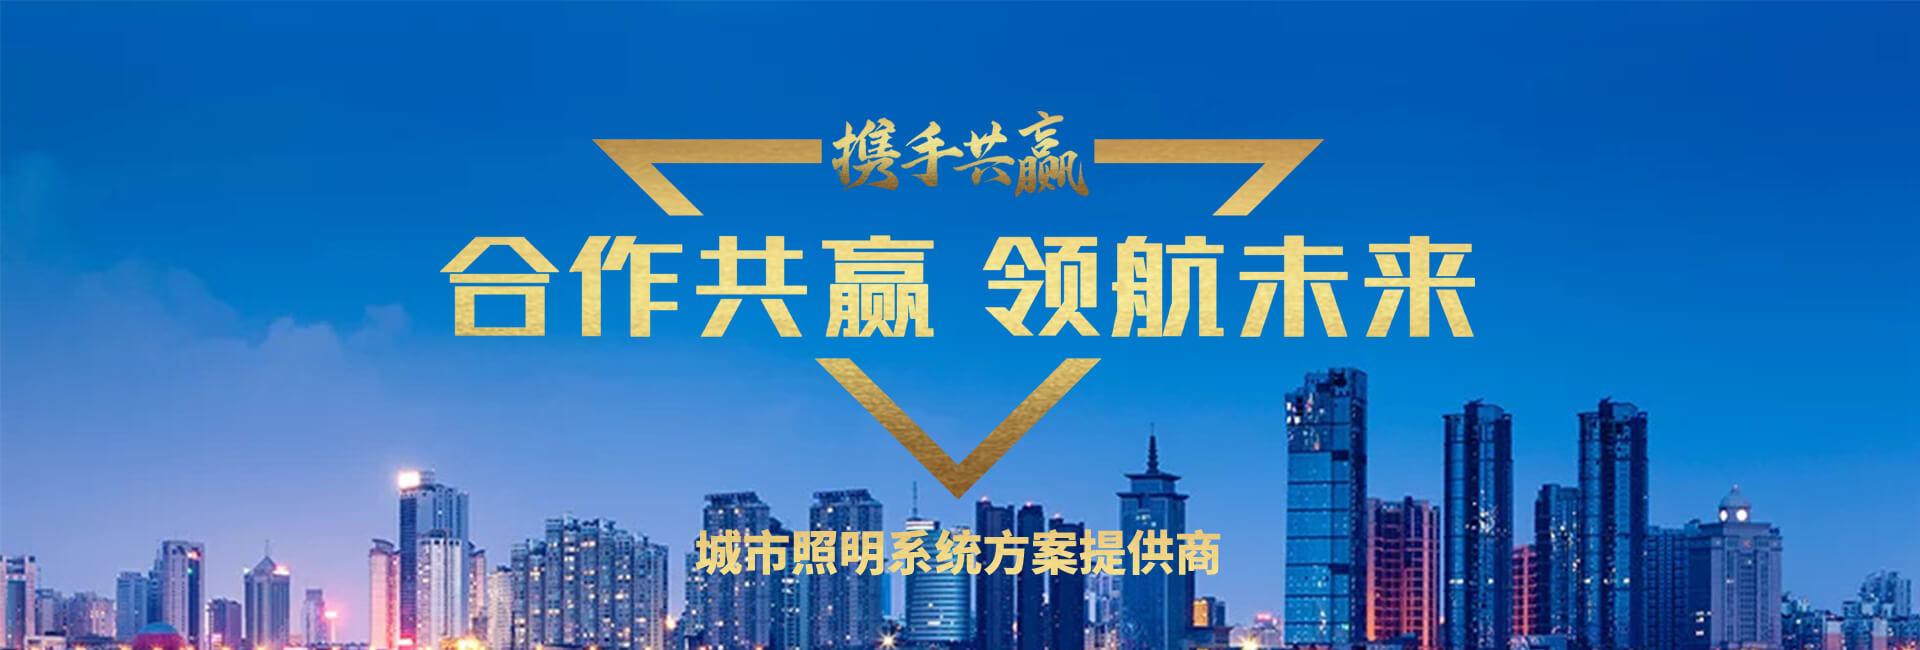 广安邻水王家镇太阳能路灯案例